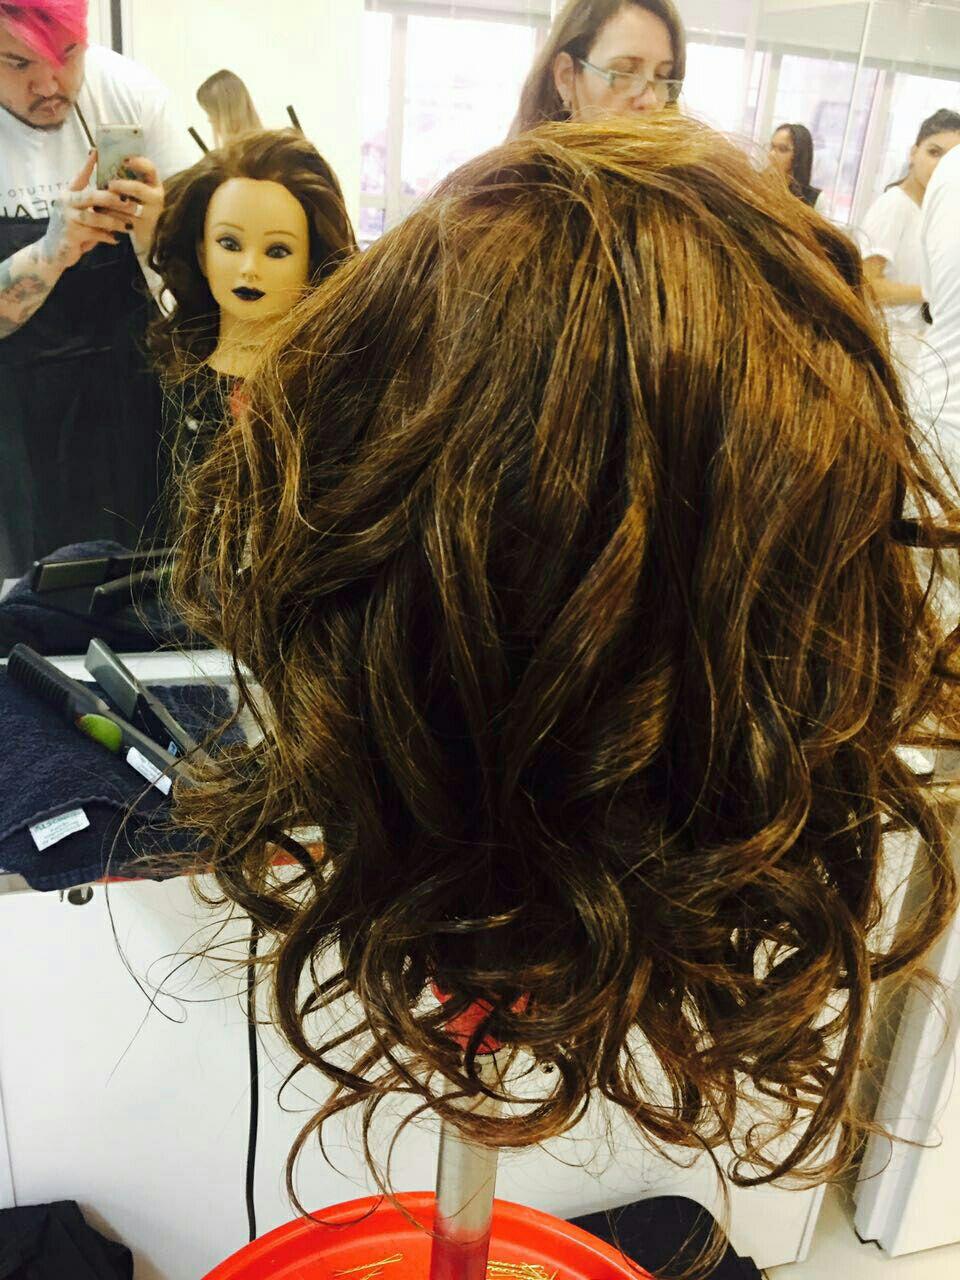 Escova com volume e finalização em cachos, com a prancha cabelo estudante (cabeleireiro) estudante (cabeleireiro) estudante (cabeleireiro) estudante (cabeleireiro) estudante (cabeleireiro) estudante (cabeleireiro) estudante (cabeleireiro) estudante (cabeleireiro) estudante (cabeleireiro) estudante (cabeleireiro)